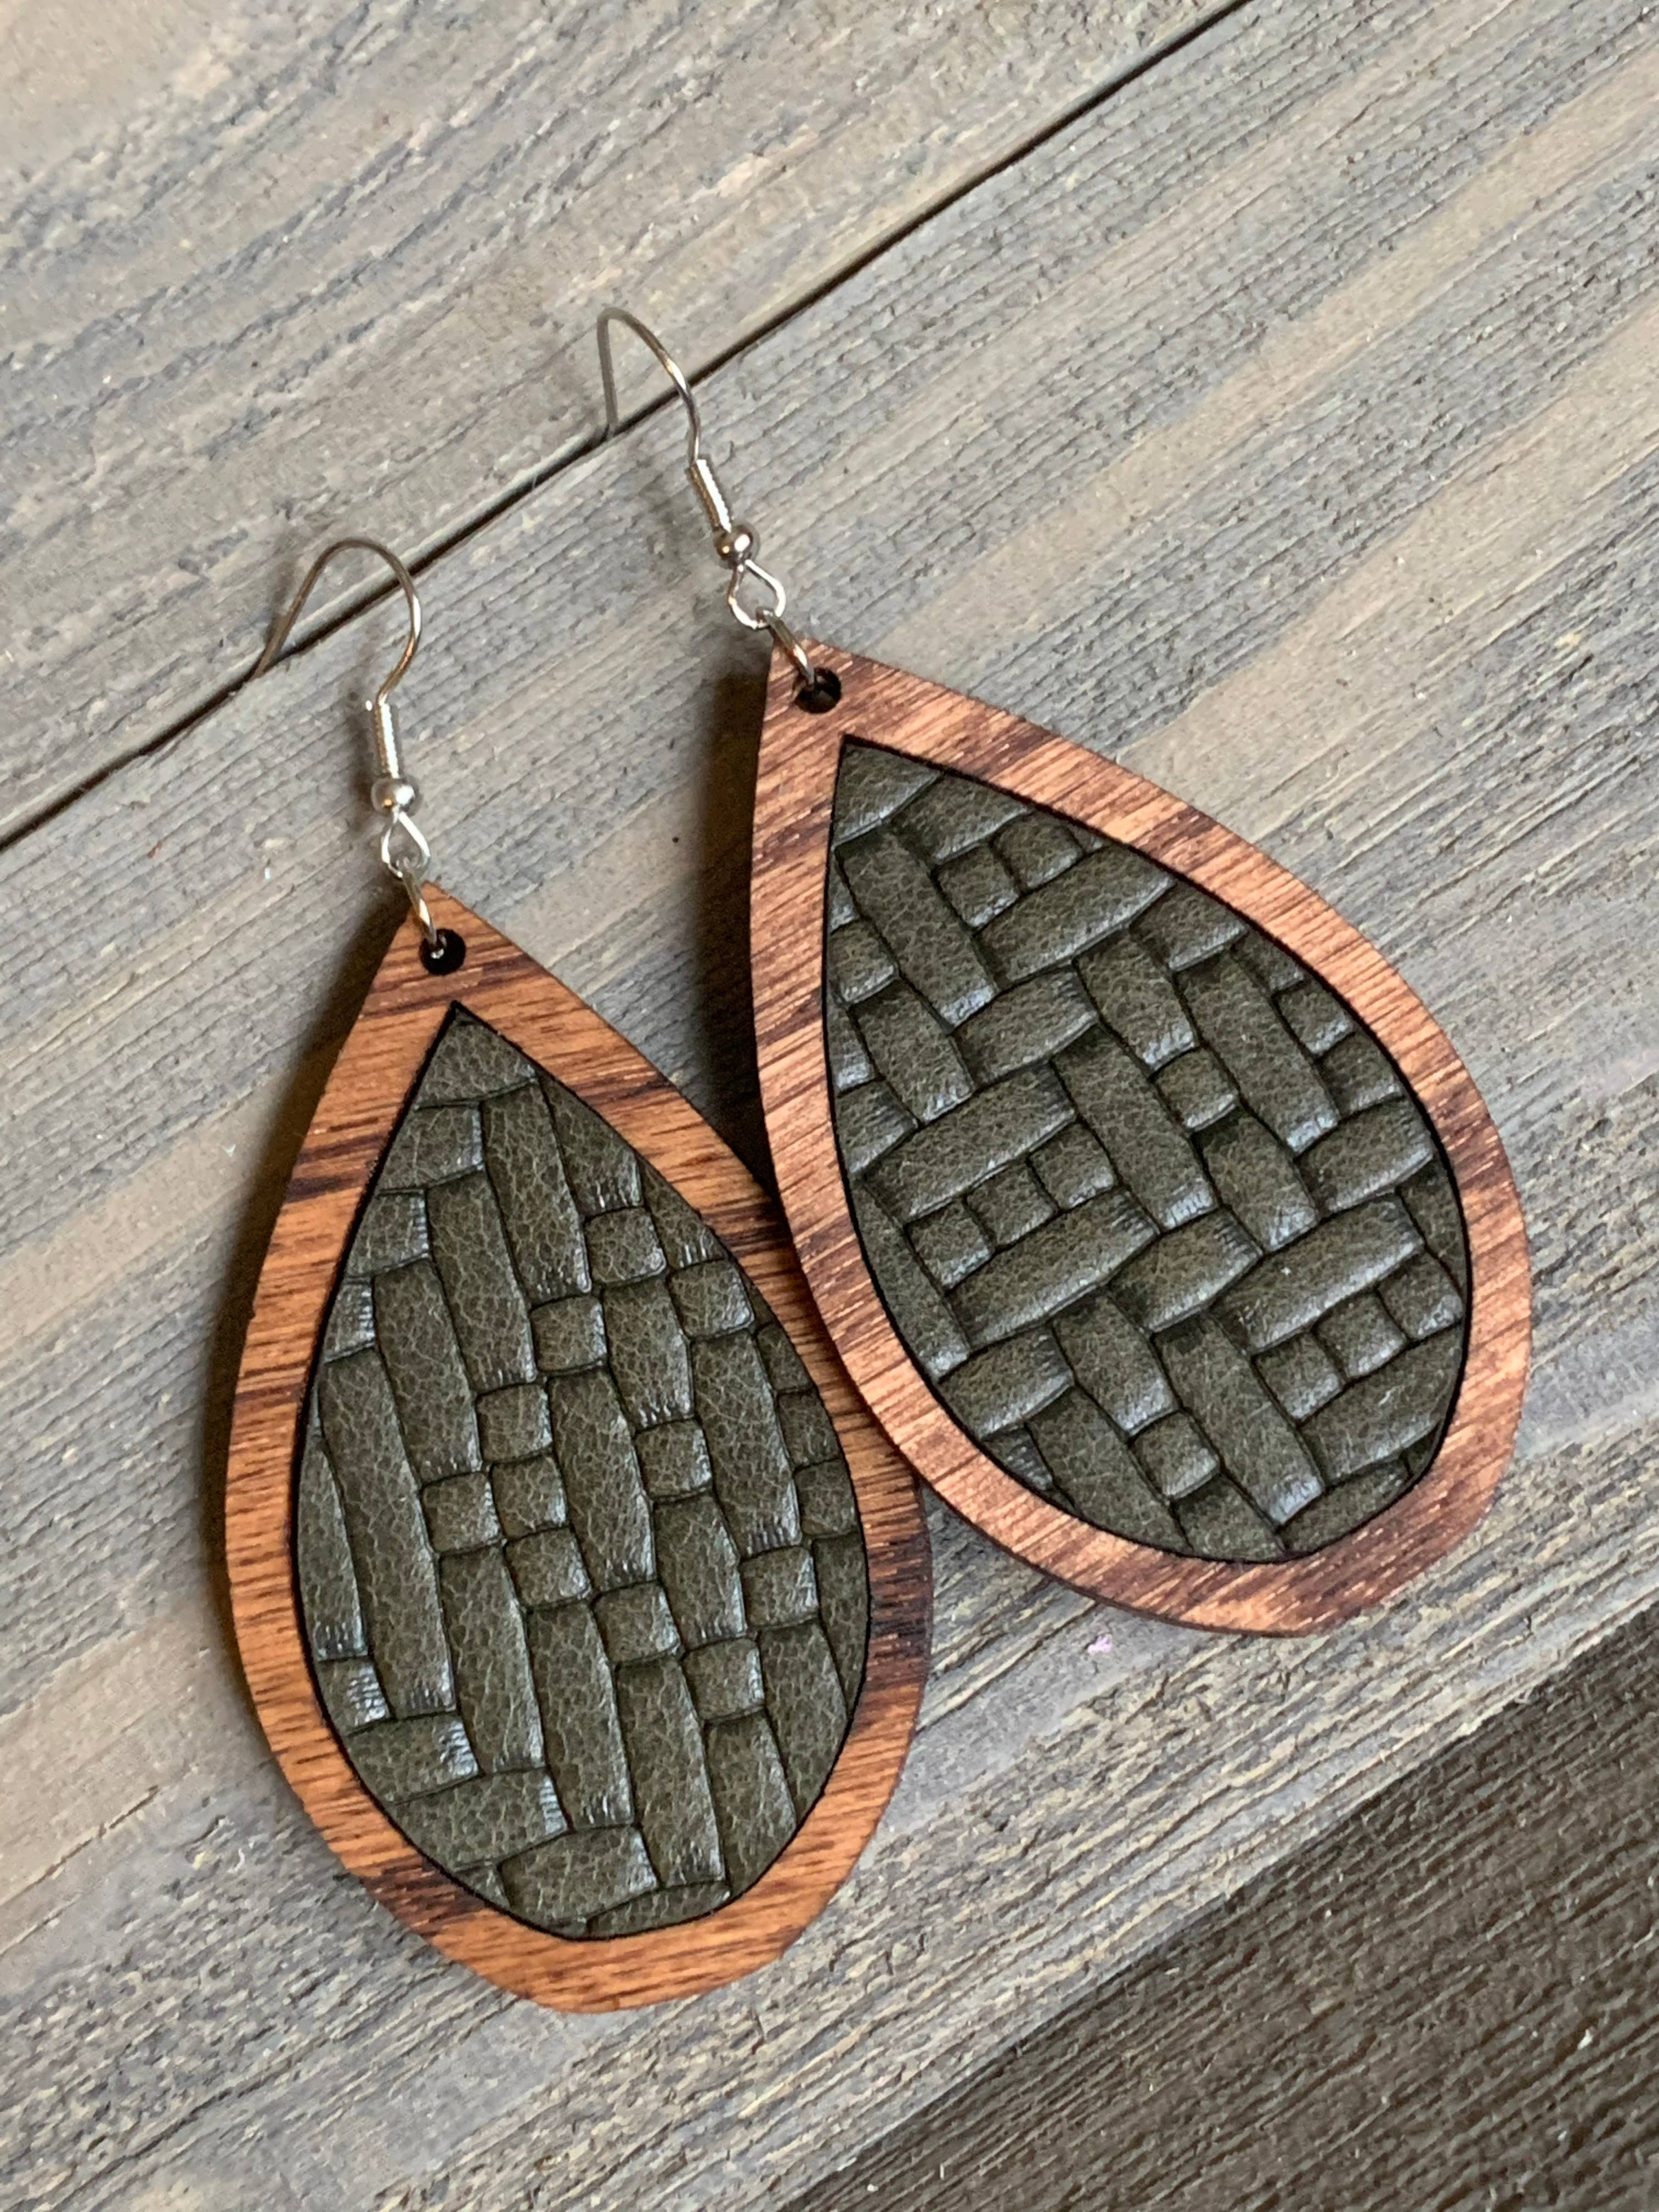 rust earrings cognac leather cuff bracelet triangle earrings teardrop leather earrings Cognac leather earrings brown leather sets